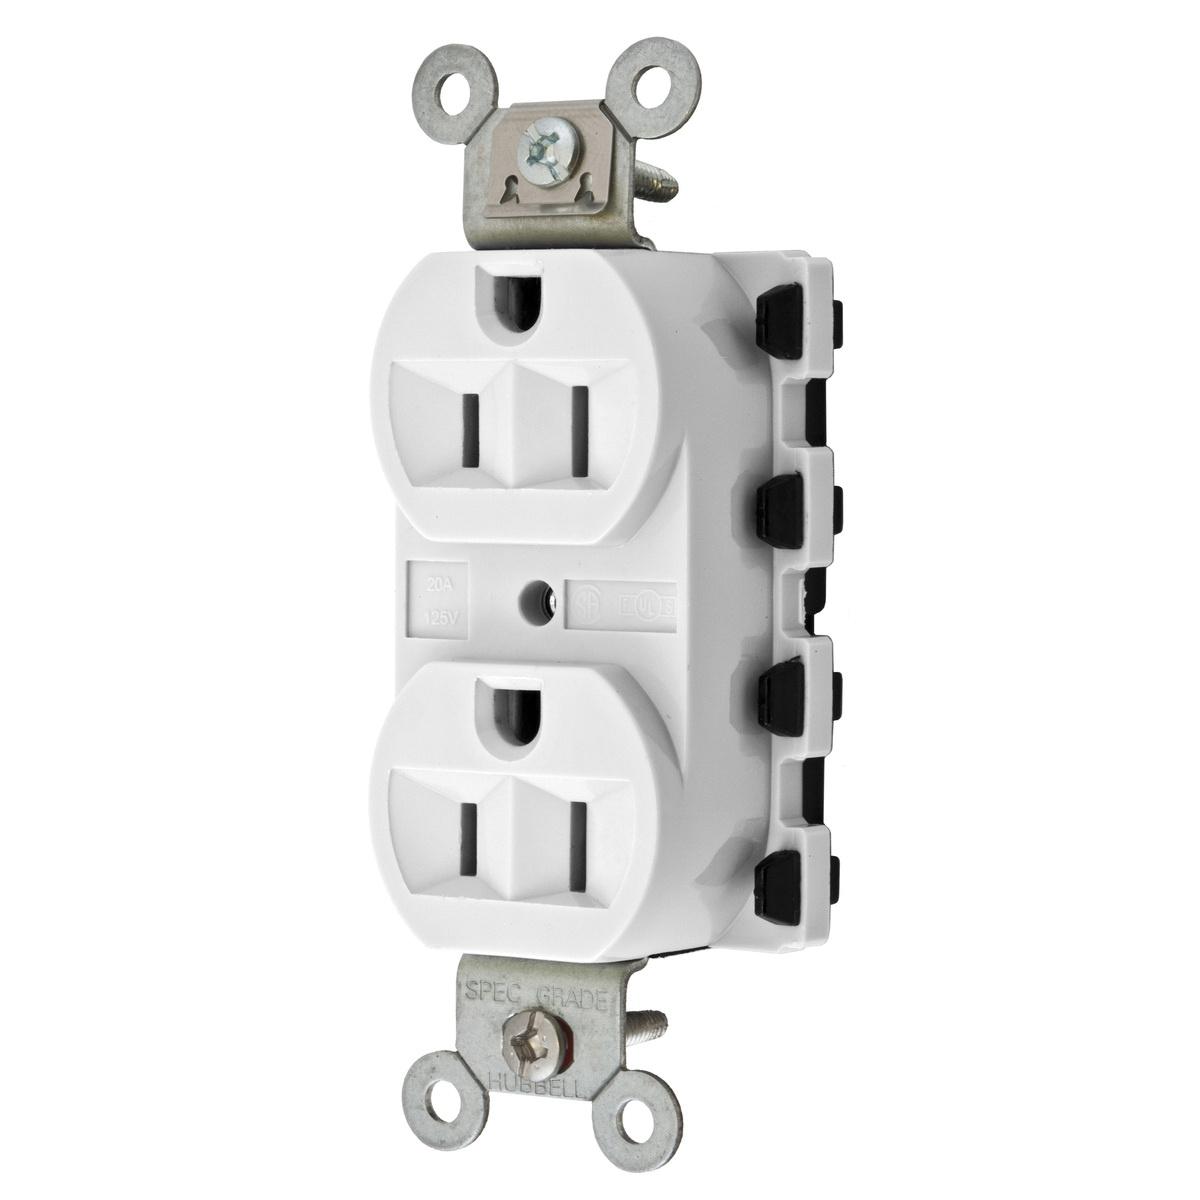 WRG-4838] Nema 5 15r Plug Wiring Diagram on